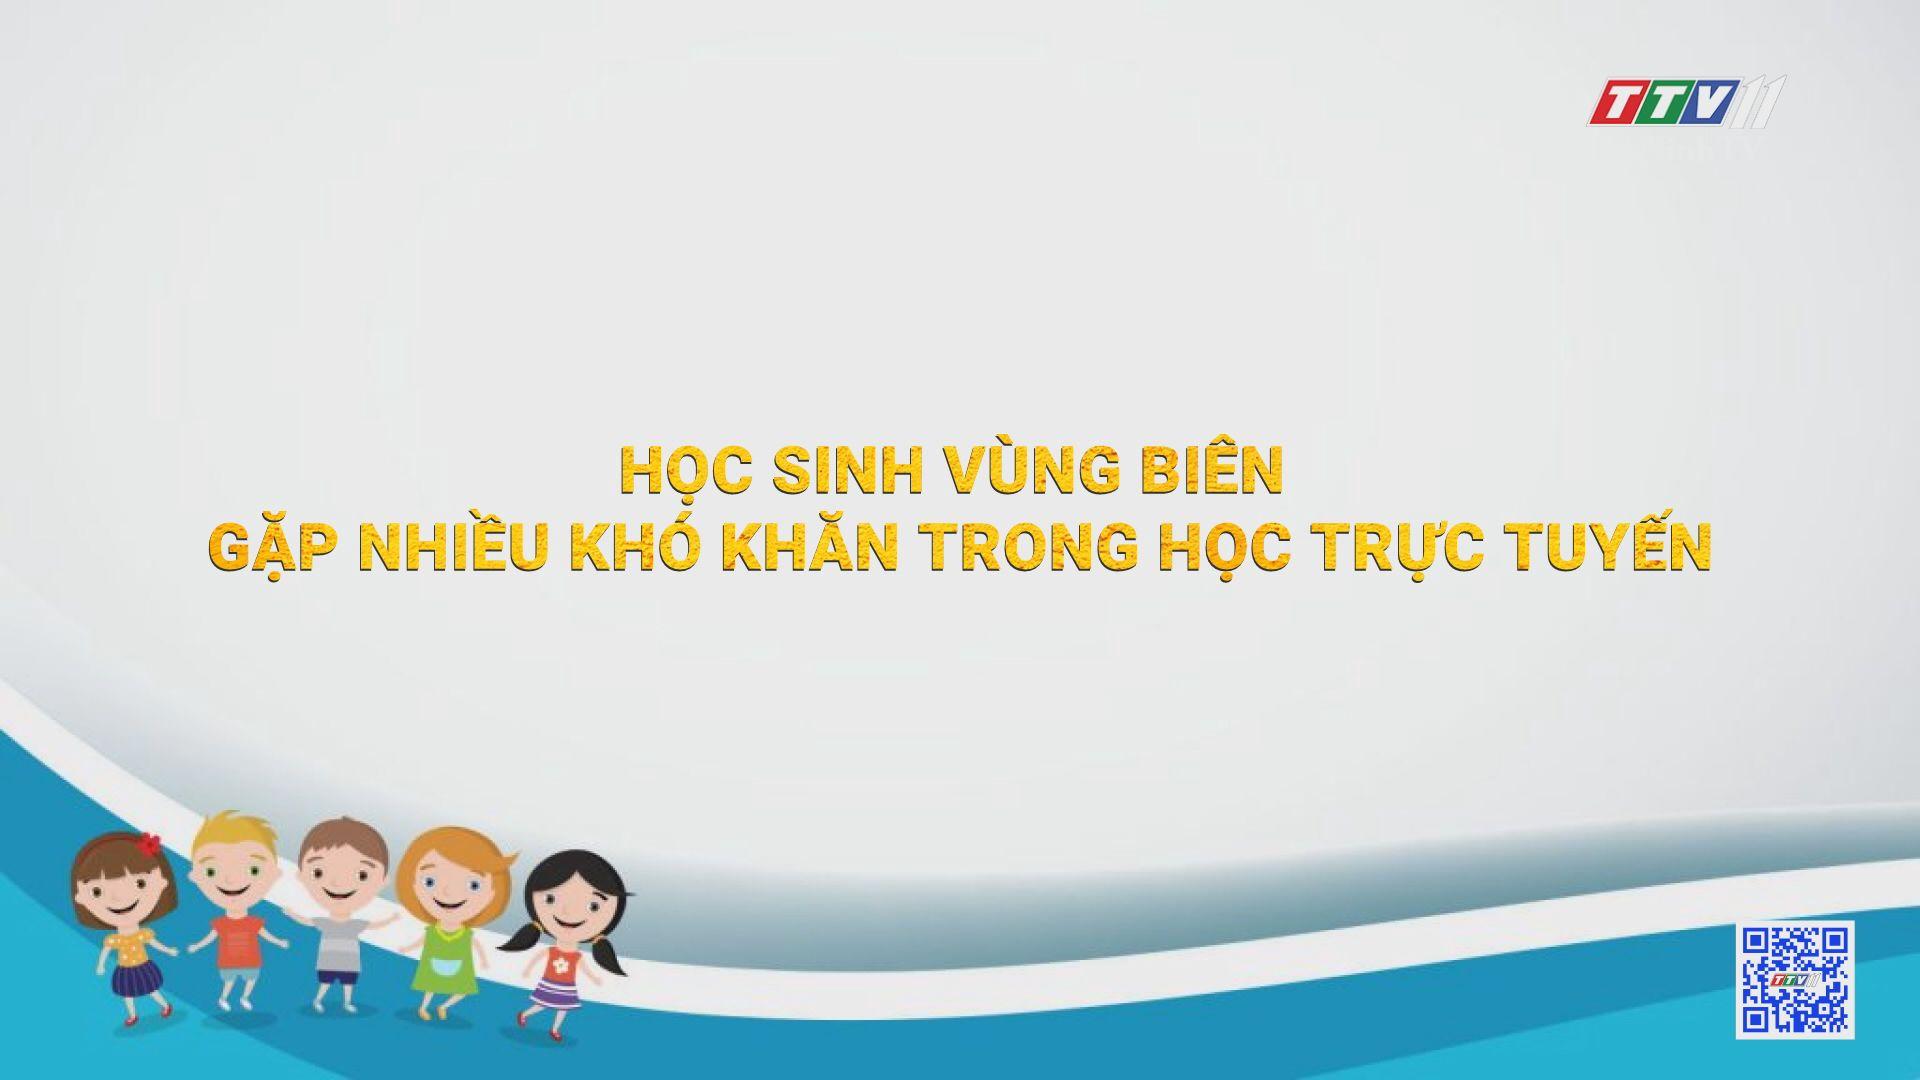 Học sinh vùng biên gặp nhiều khó khăn trong học trực tuyến | TIẾNG NÓI CỬ TRI | TayNinhTV